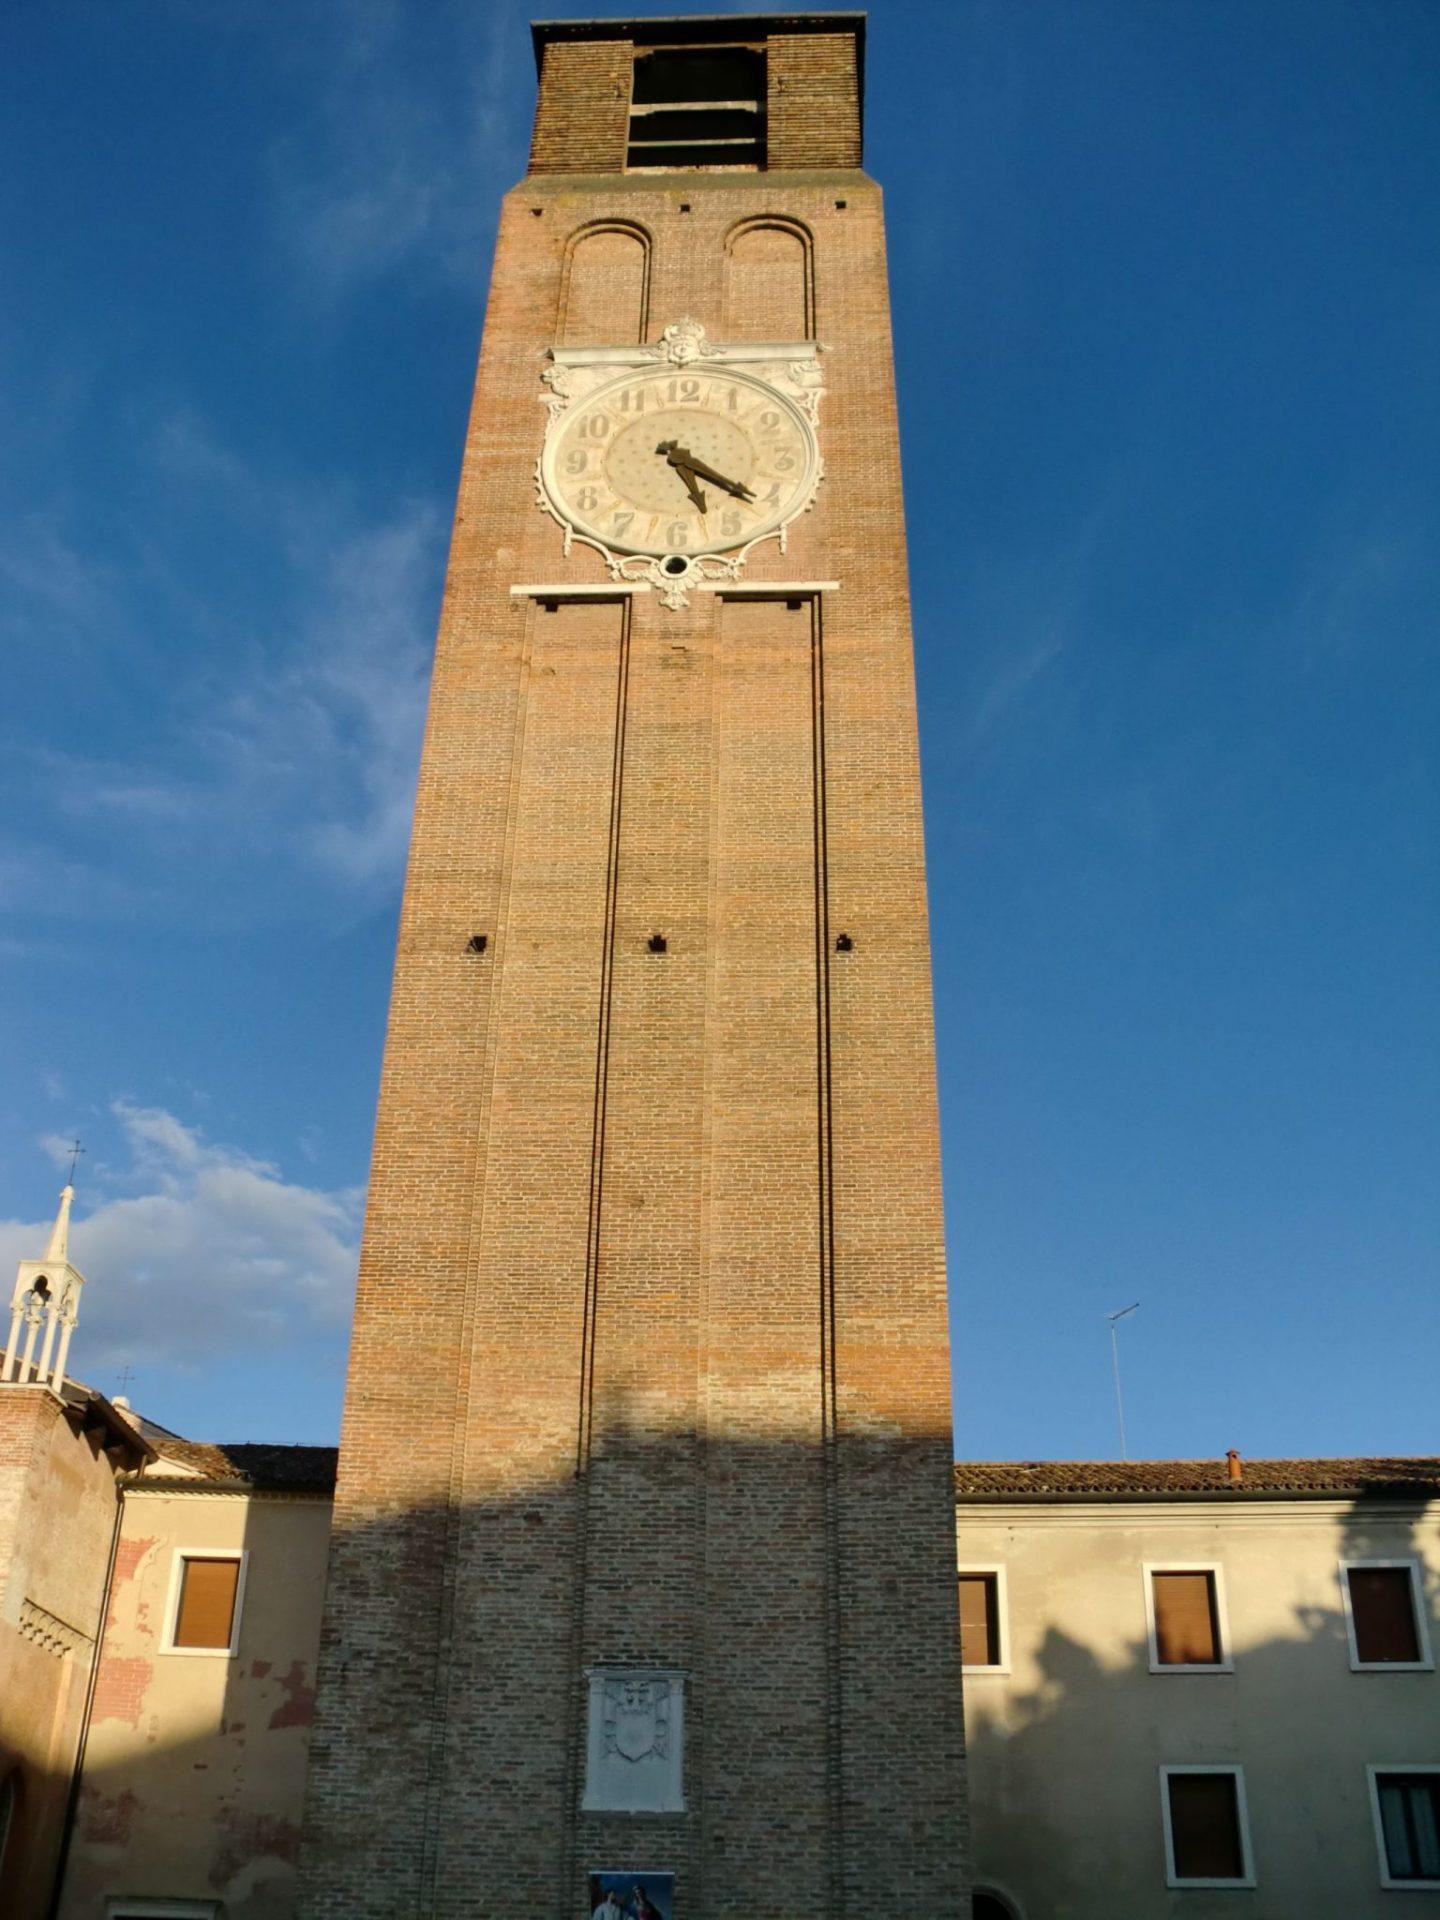 Treviso centro 8 1440x1920 - Treviso: Italian beauty